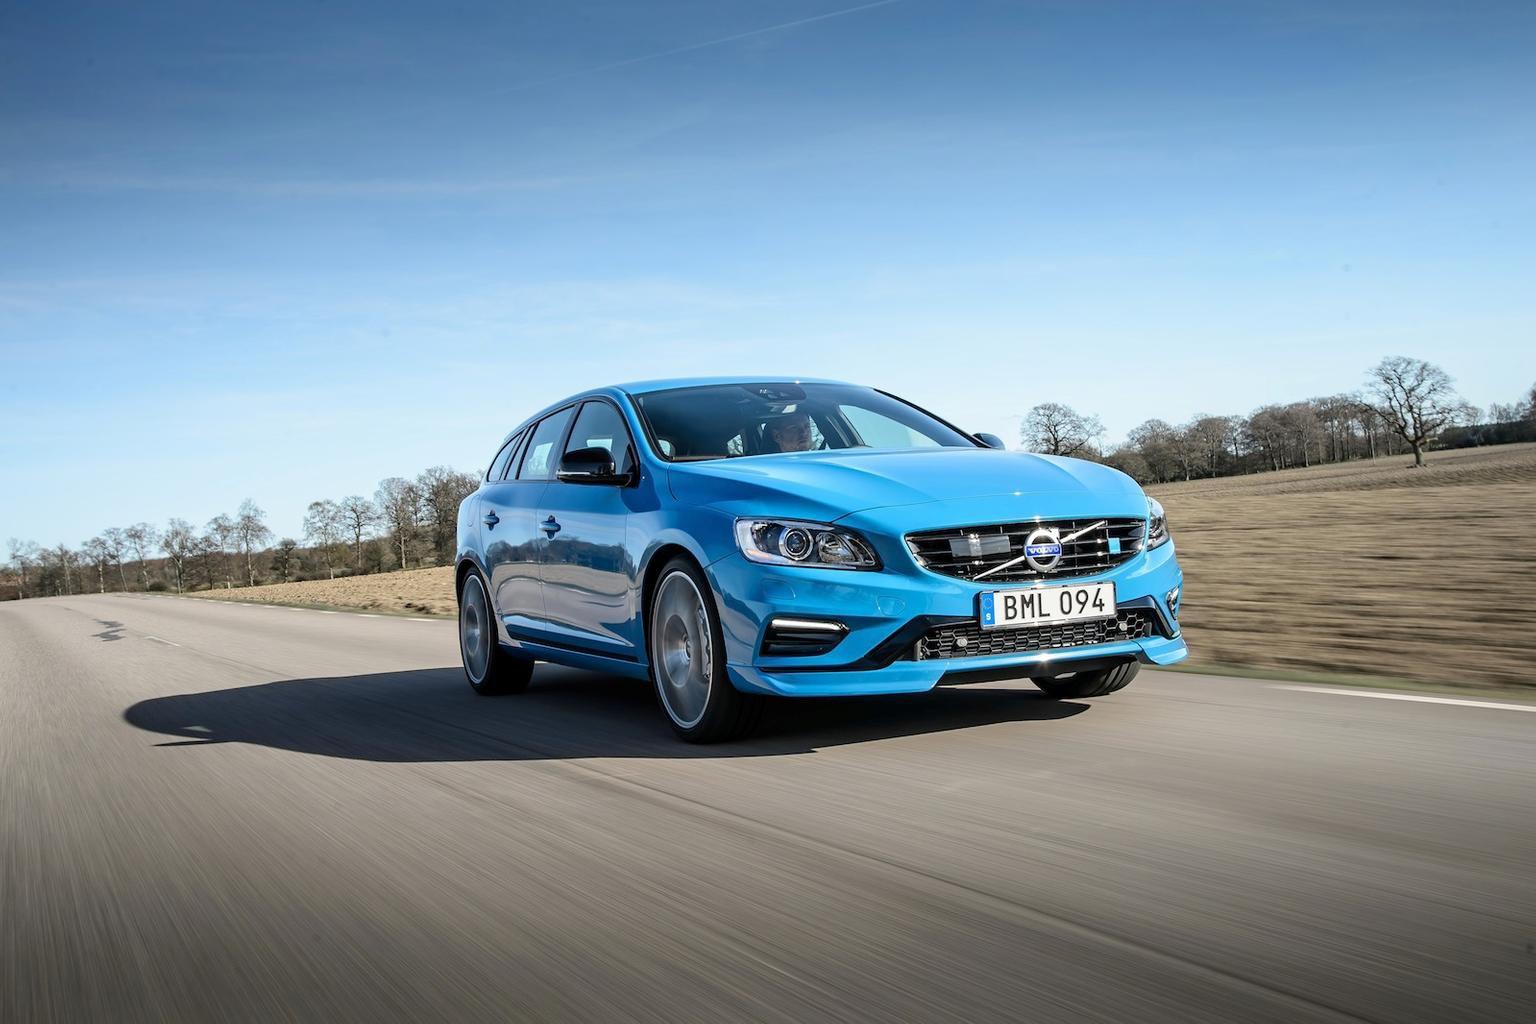 2014 Volvo V60 Polestar review